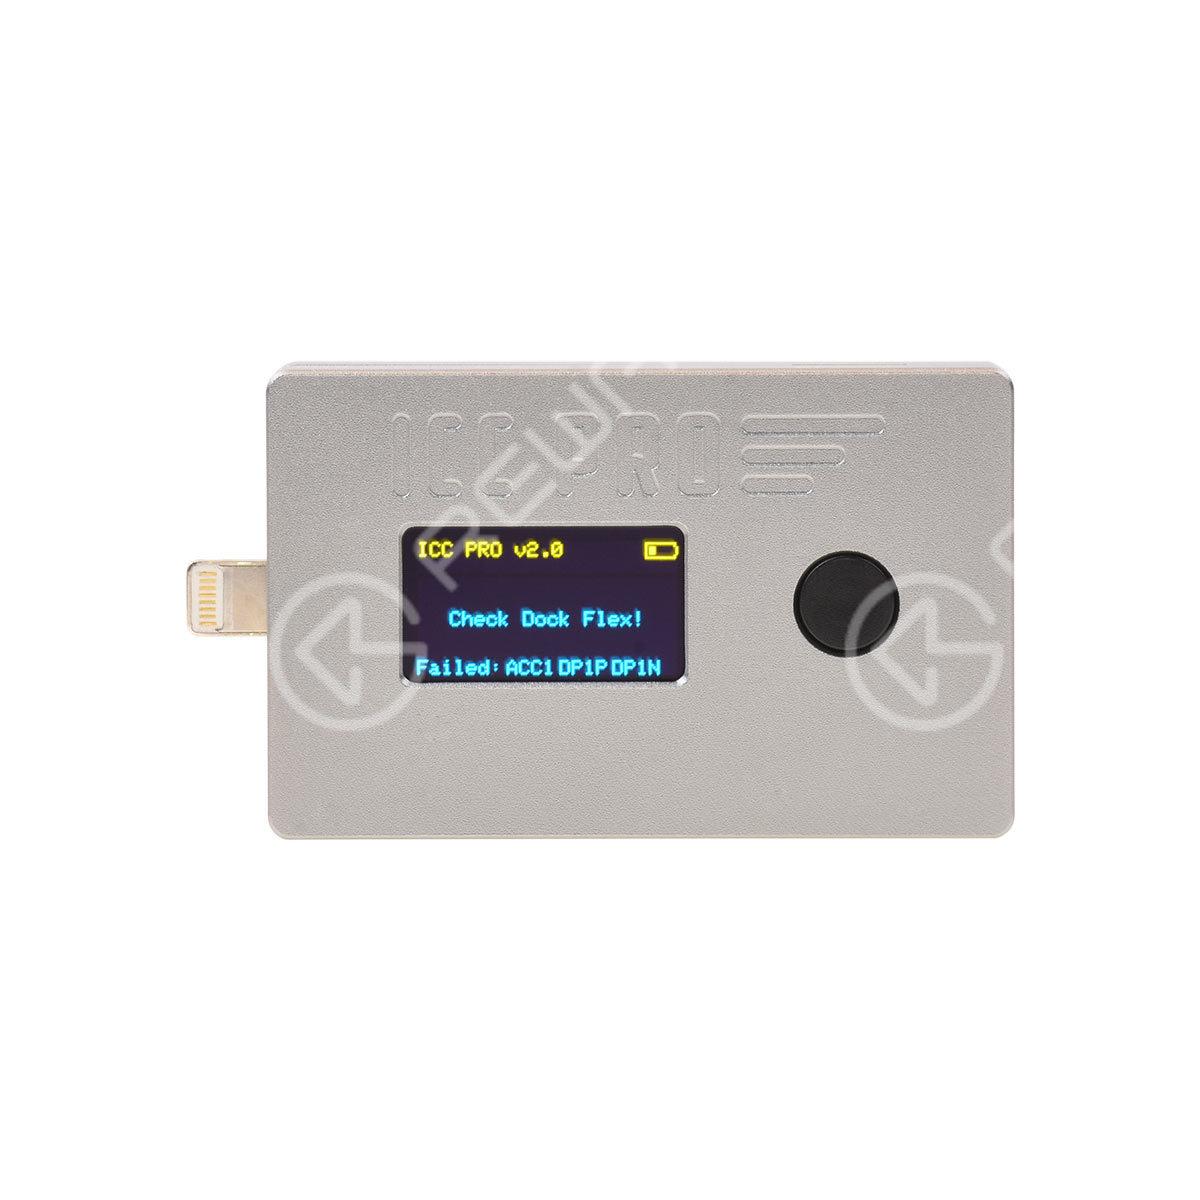 ICC PRO V2 Tester (Tristar/Dock Flex/IC)